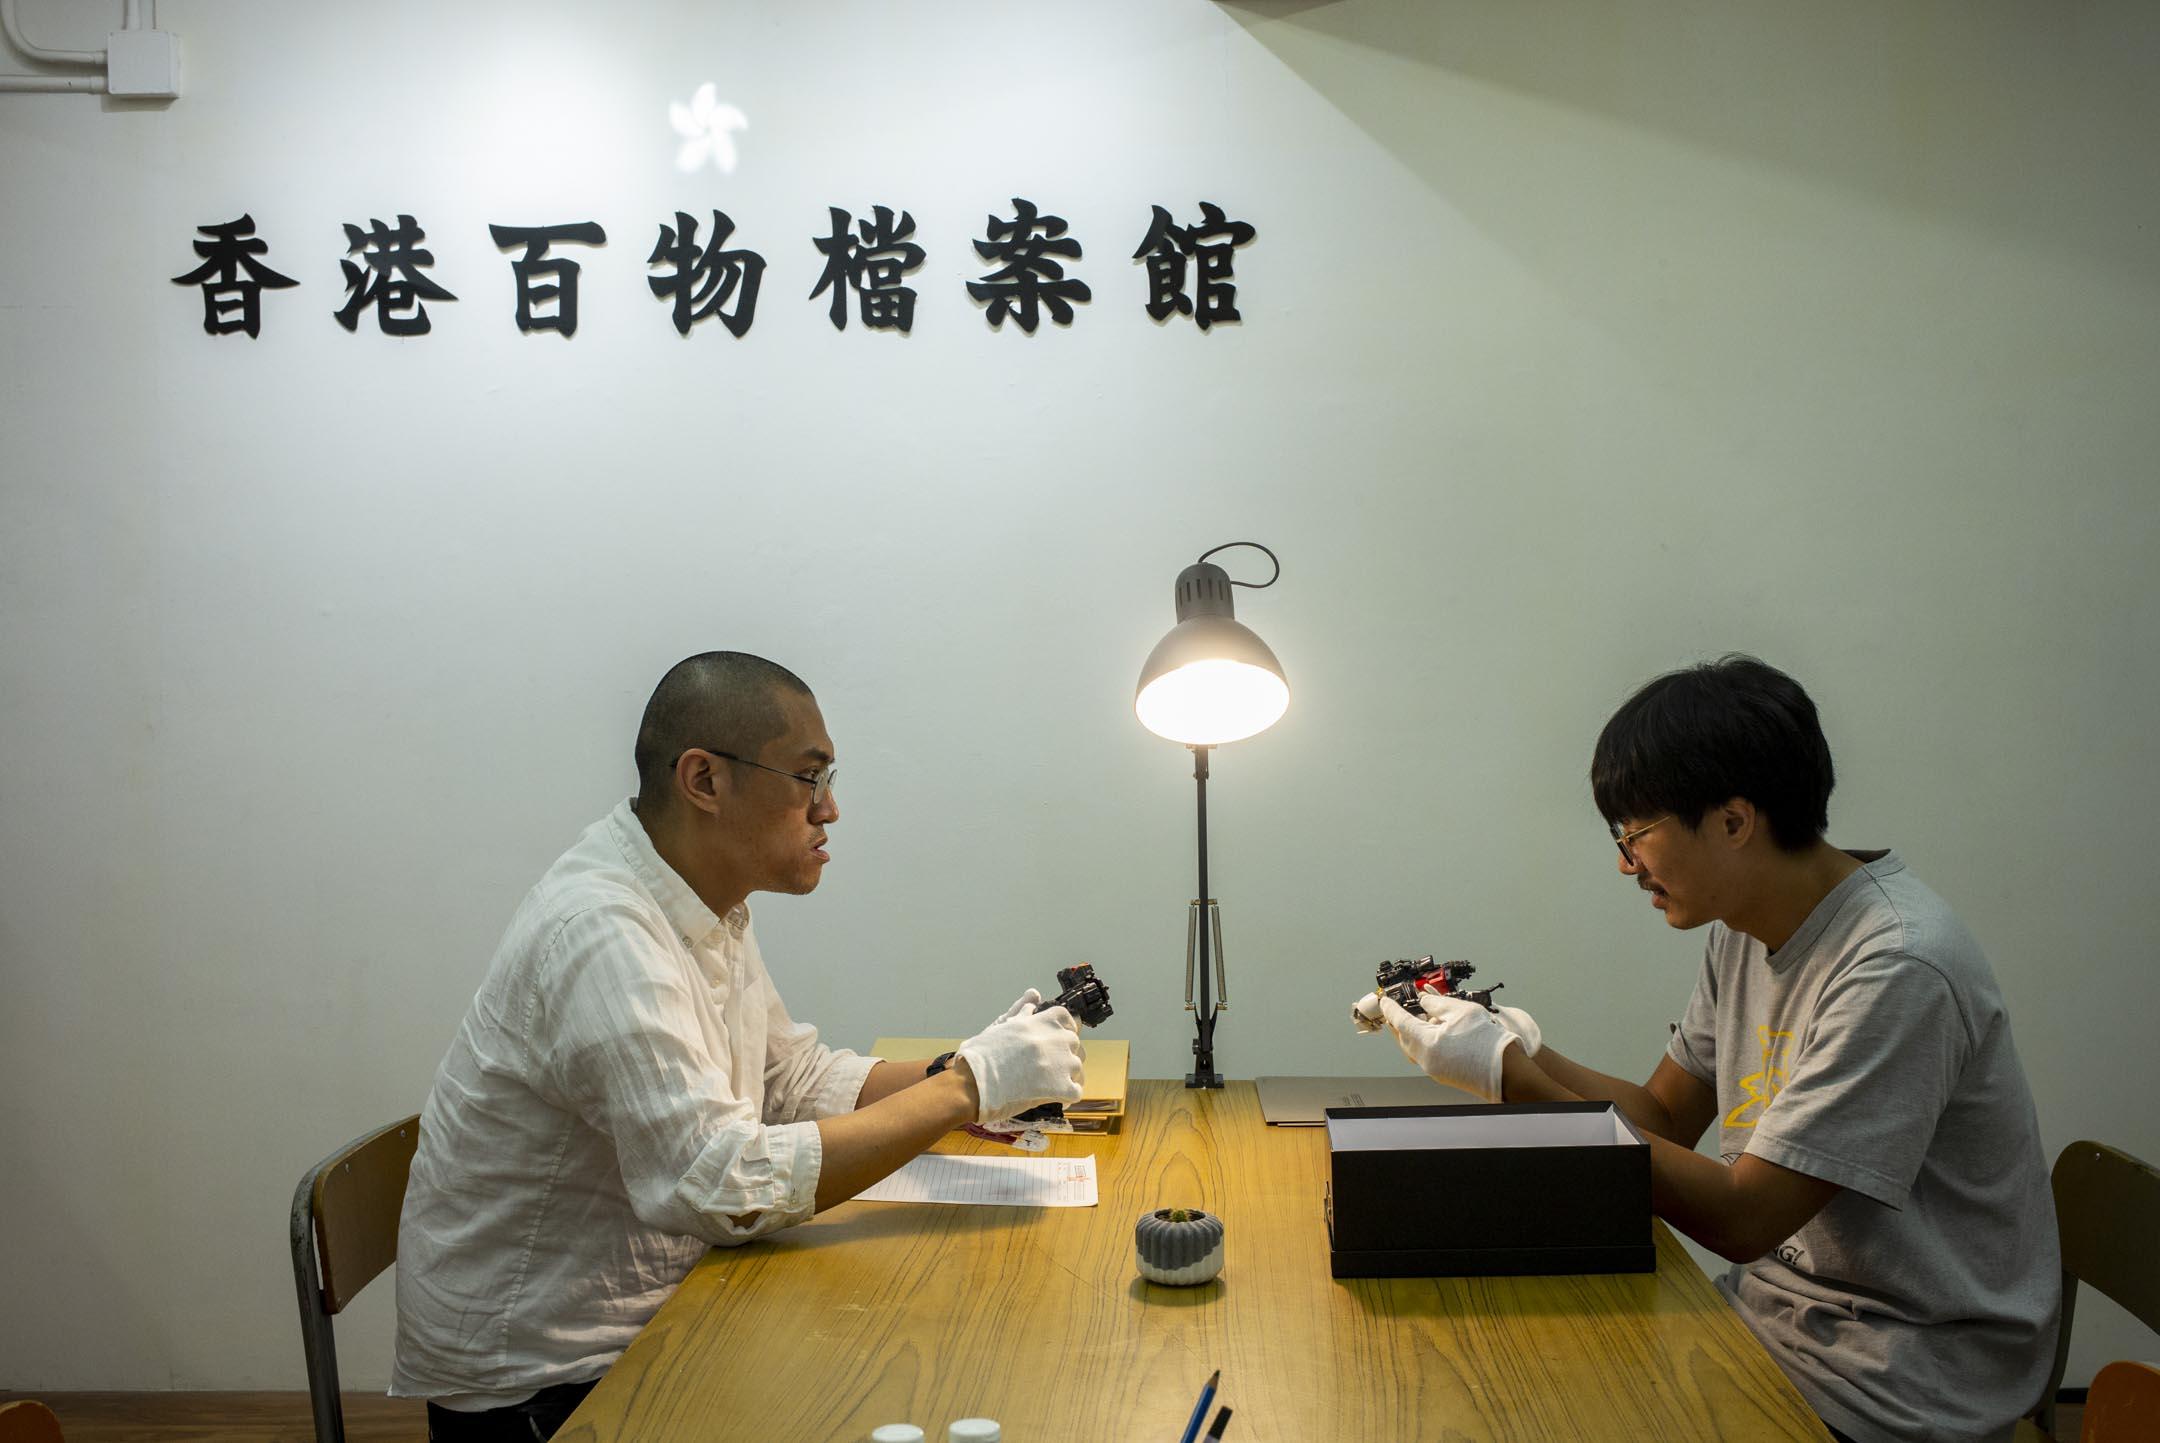 「香港百物檔案館」的策展人黃宇鵬(左)與藝術家江耀榮(右)。 攝:林振東/端傳媒